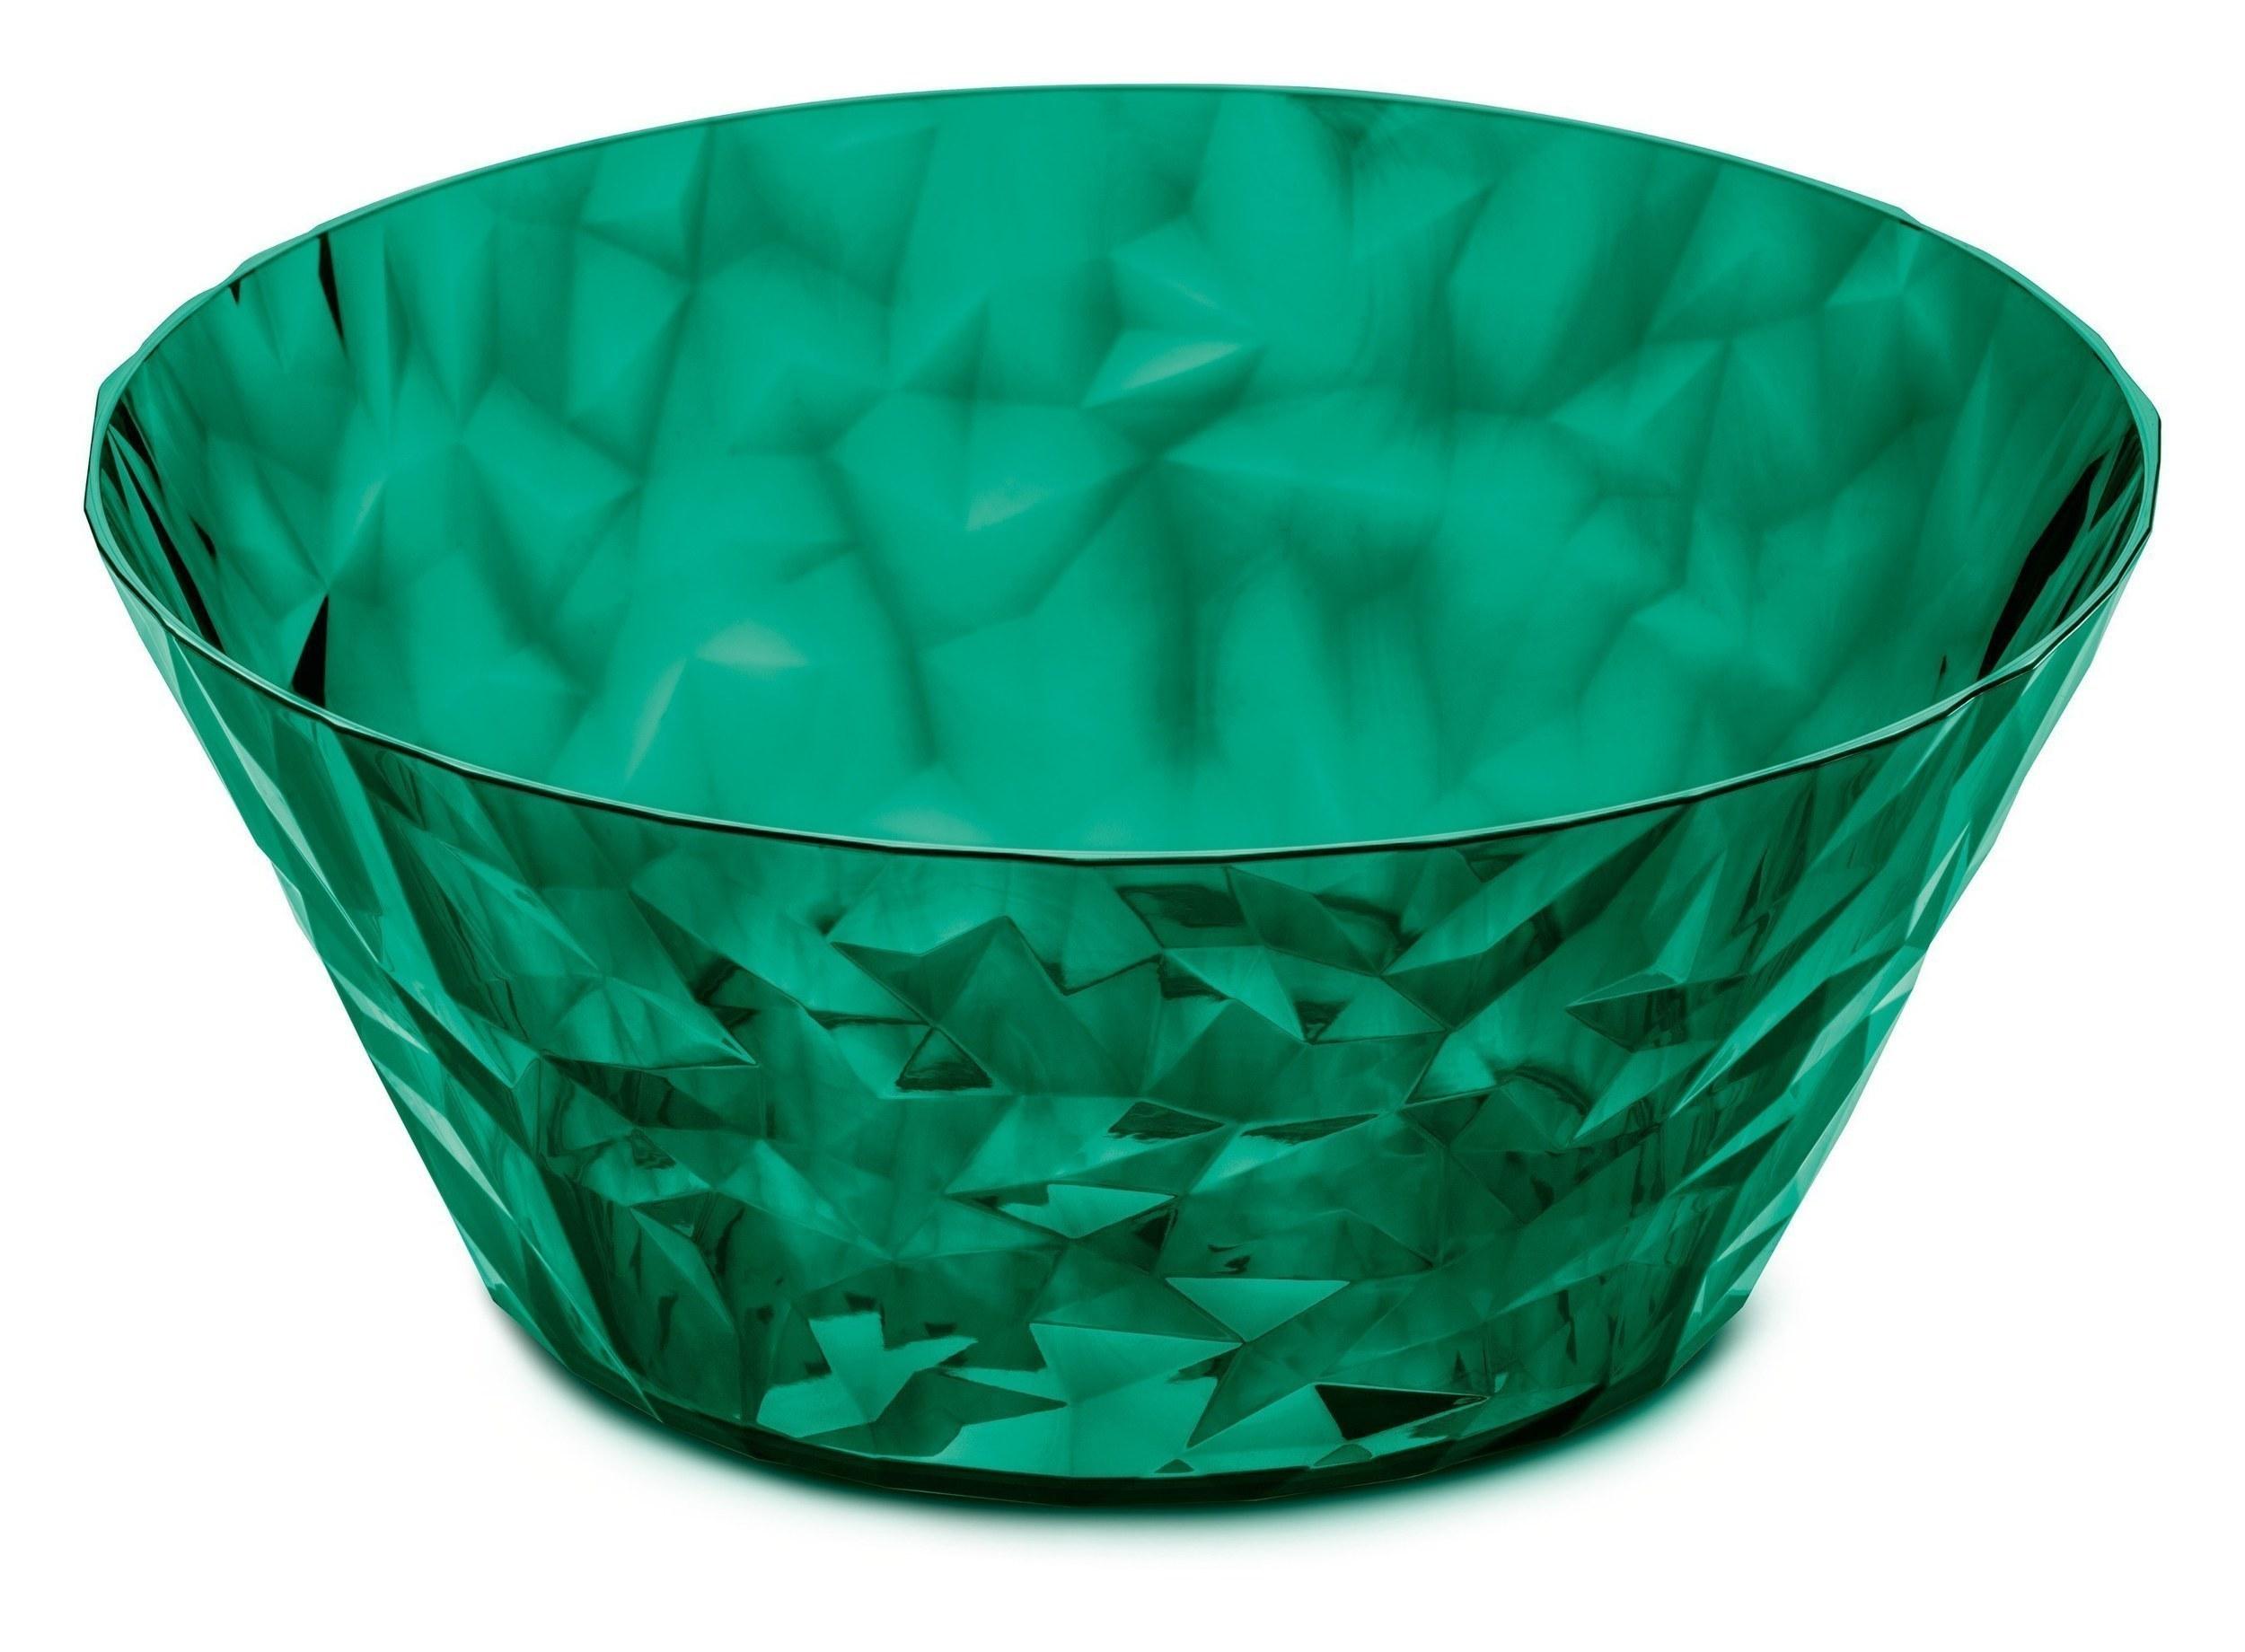 Misa sałatkowa Club L emerald